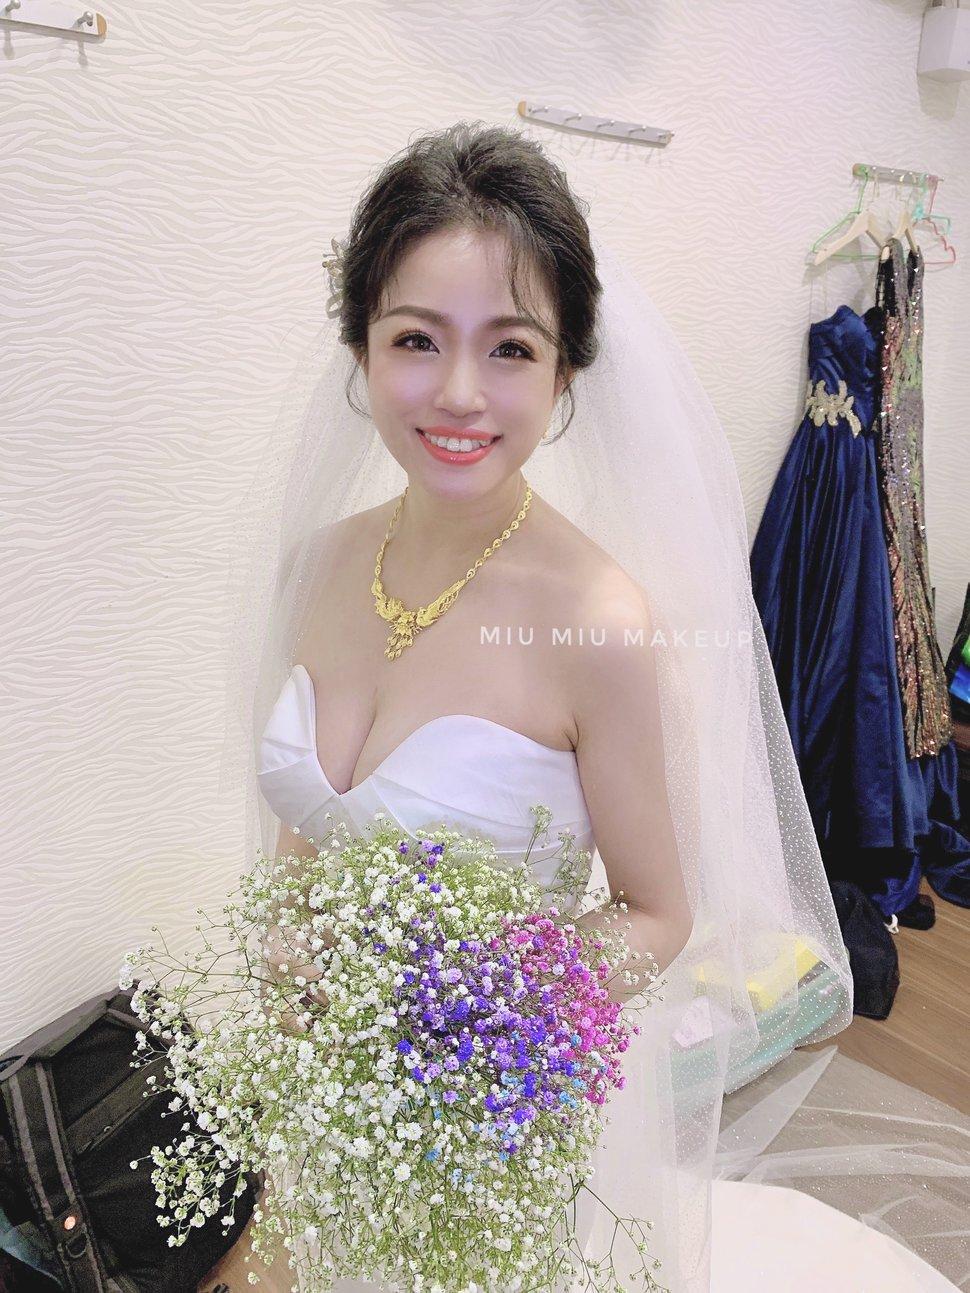 BD4AAF47-2C9E-436F-9087-2B34D00FE763 - Miu Miu Wang《結婚吧》